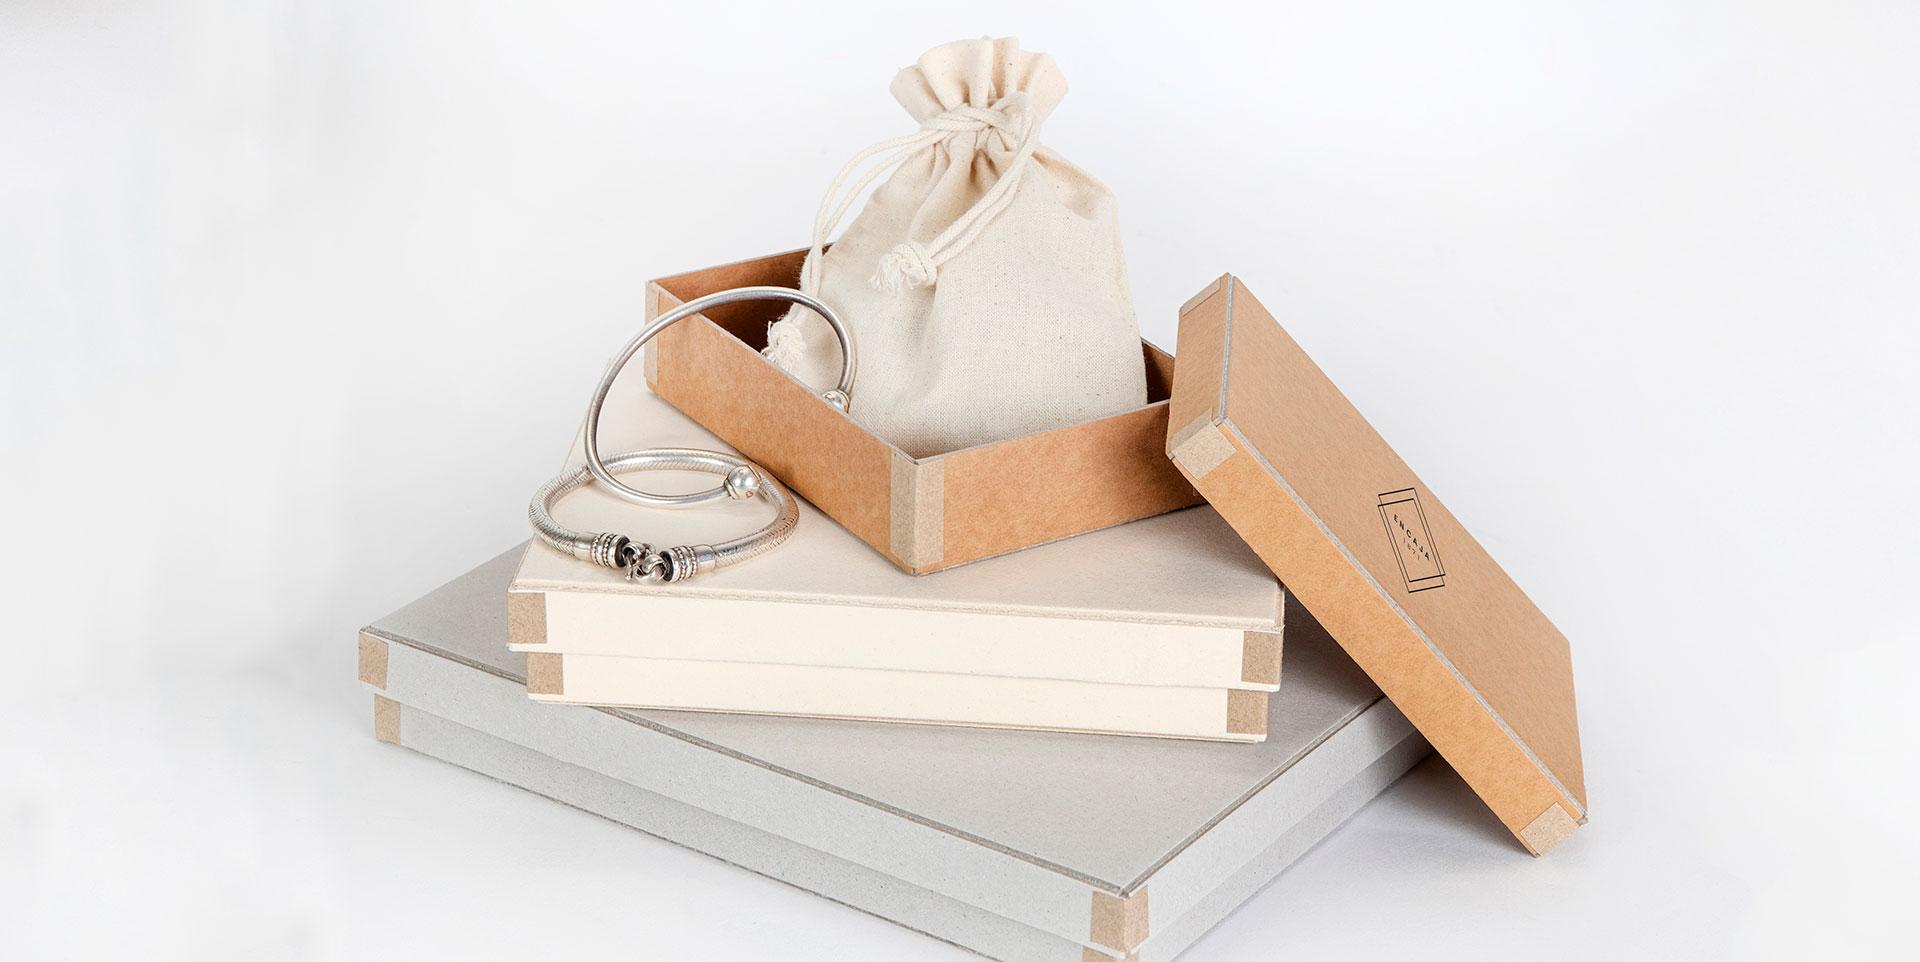 fabricante-de-cajas-de-carton-a-medida-y-personalizadas-ecologicas-ecoline-1.jpg